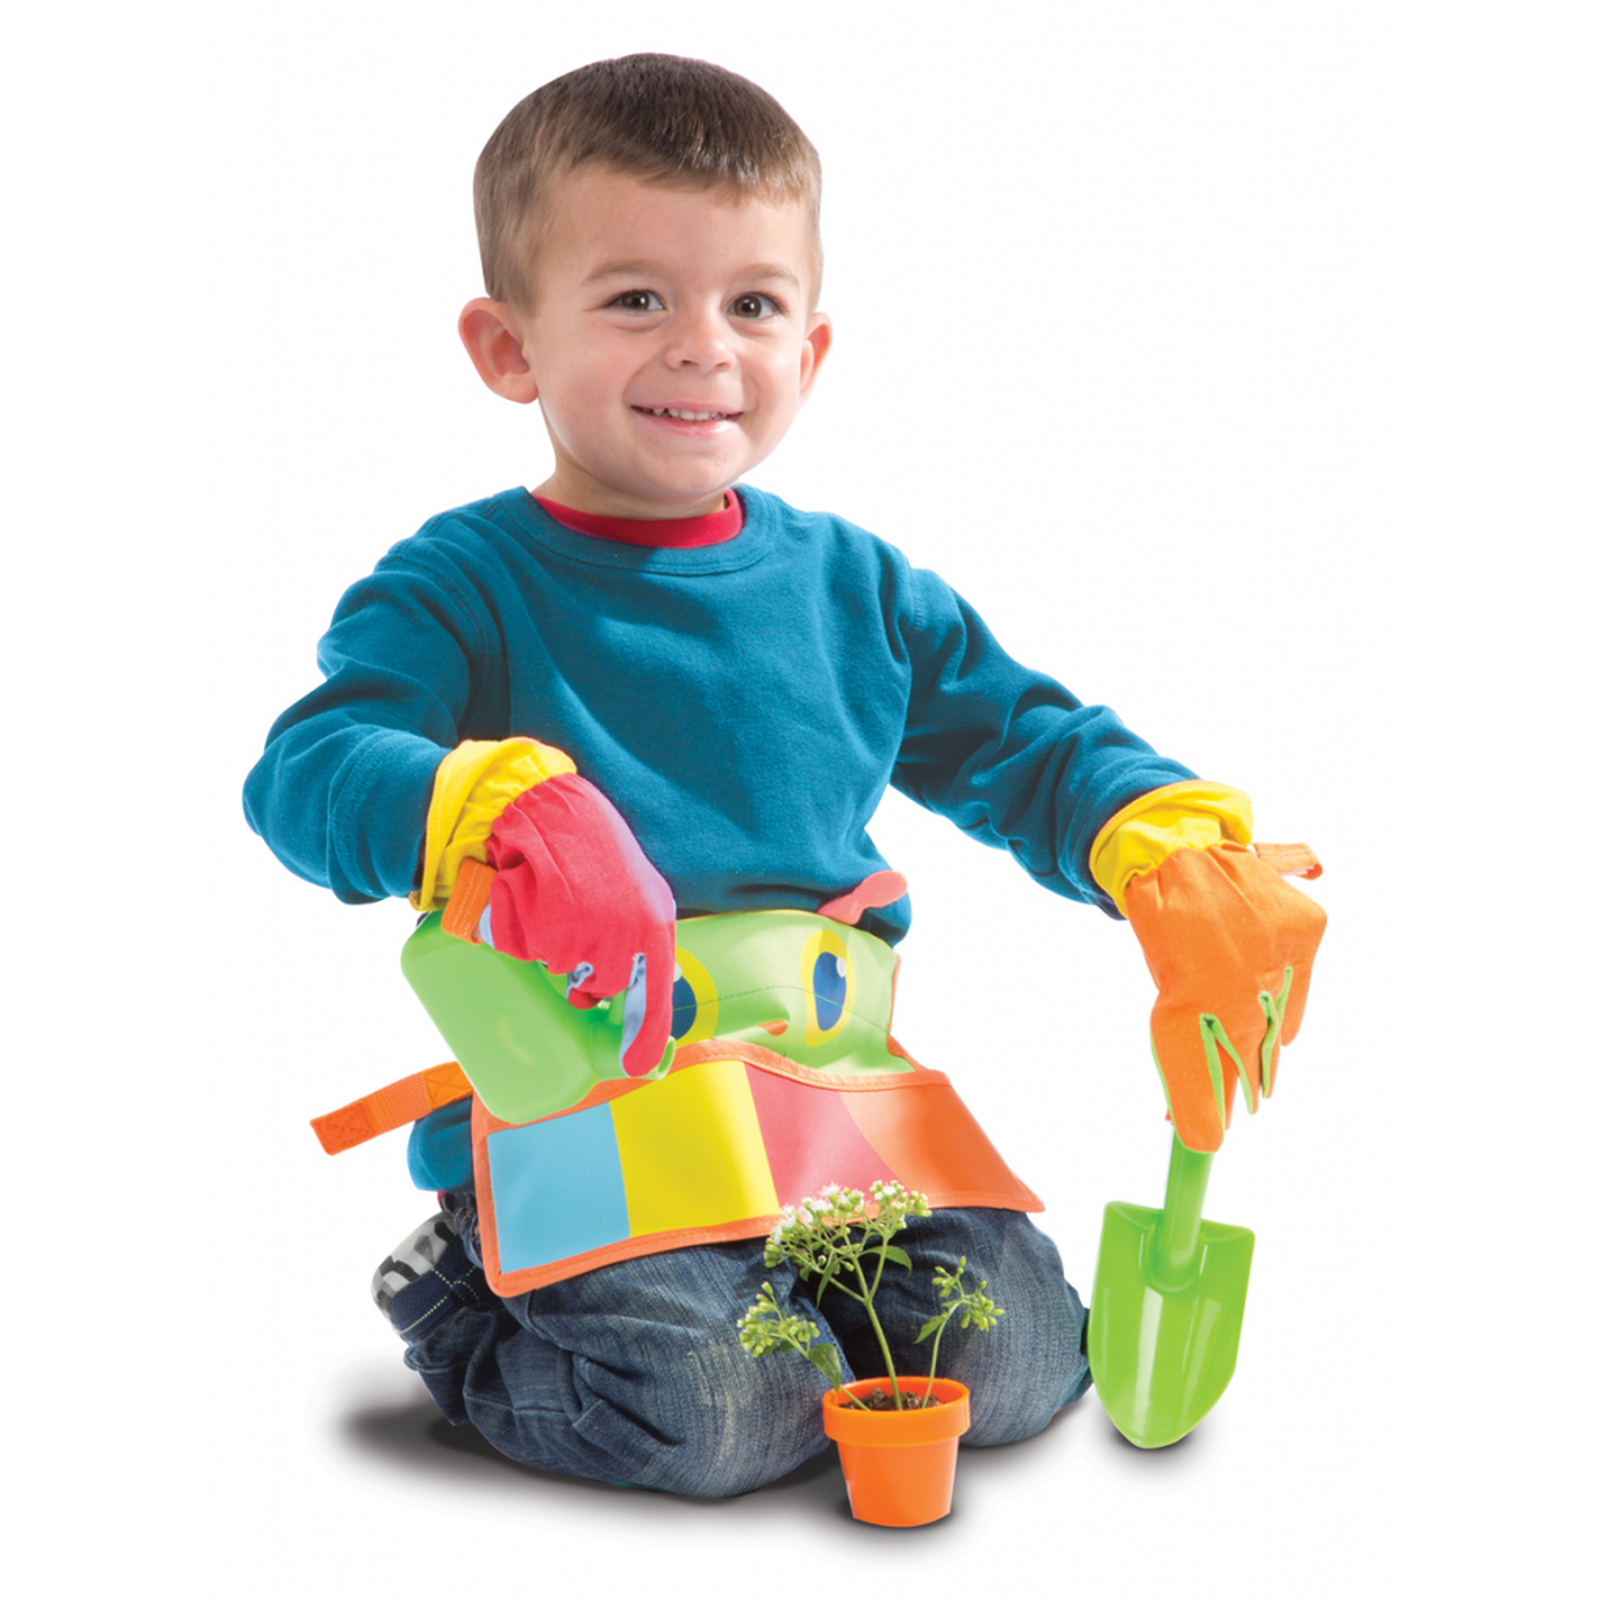 Игровой набор Melissa&Doug Ременной комплект юного садовода Счастливая стрекоза (MD6215) изображение 3